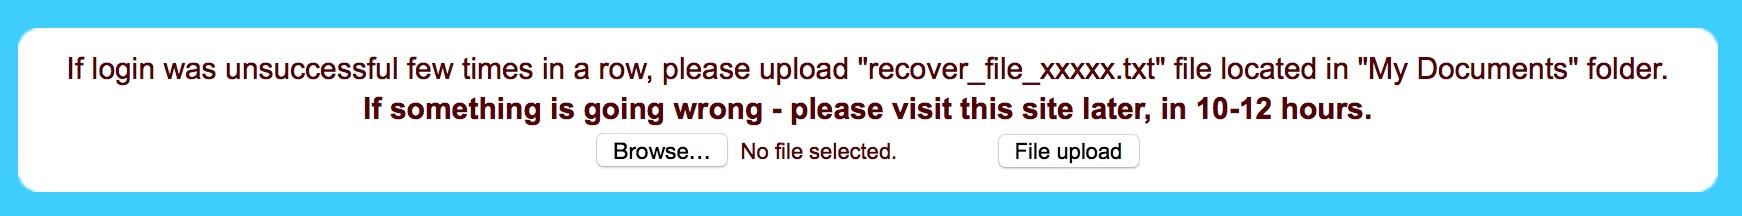 Teslacrypt chiede di uploadare il file recover_fle.txt